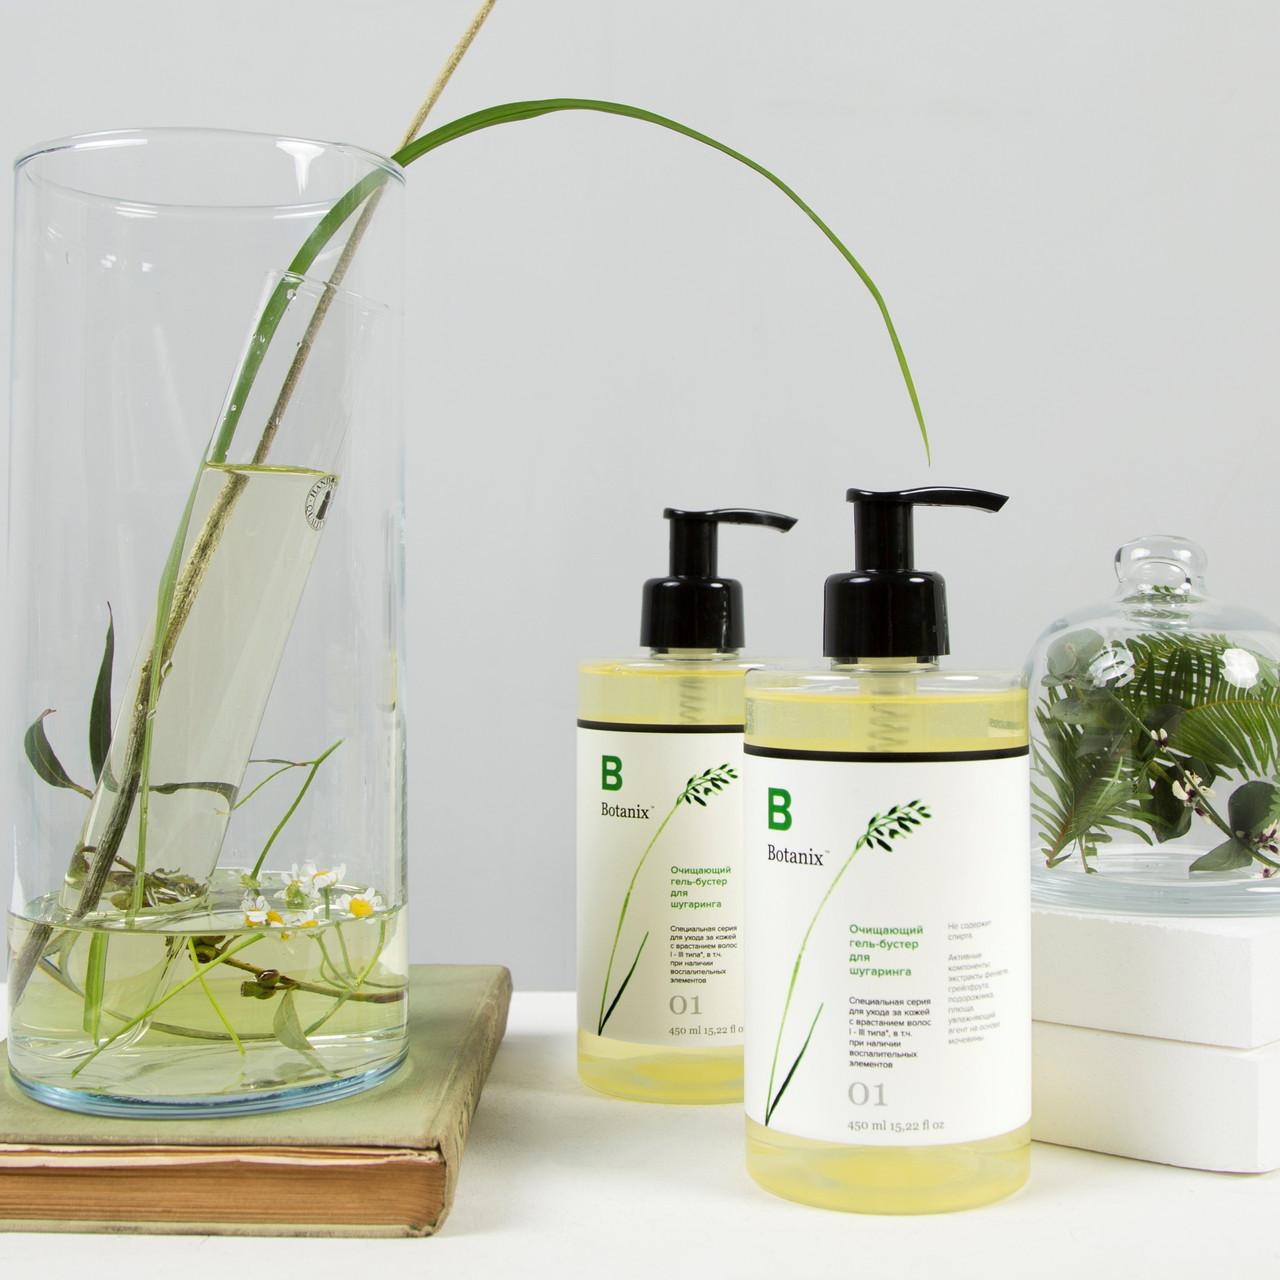 Очищающий гель - бустер для шугаринга Botanix CO2 экстракты 93,3% натуральности